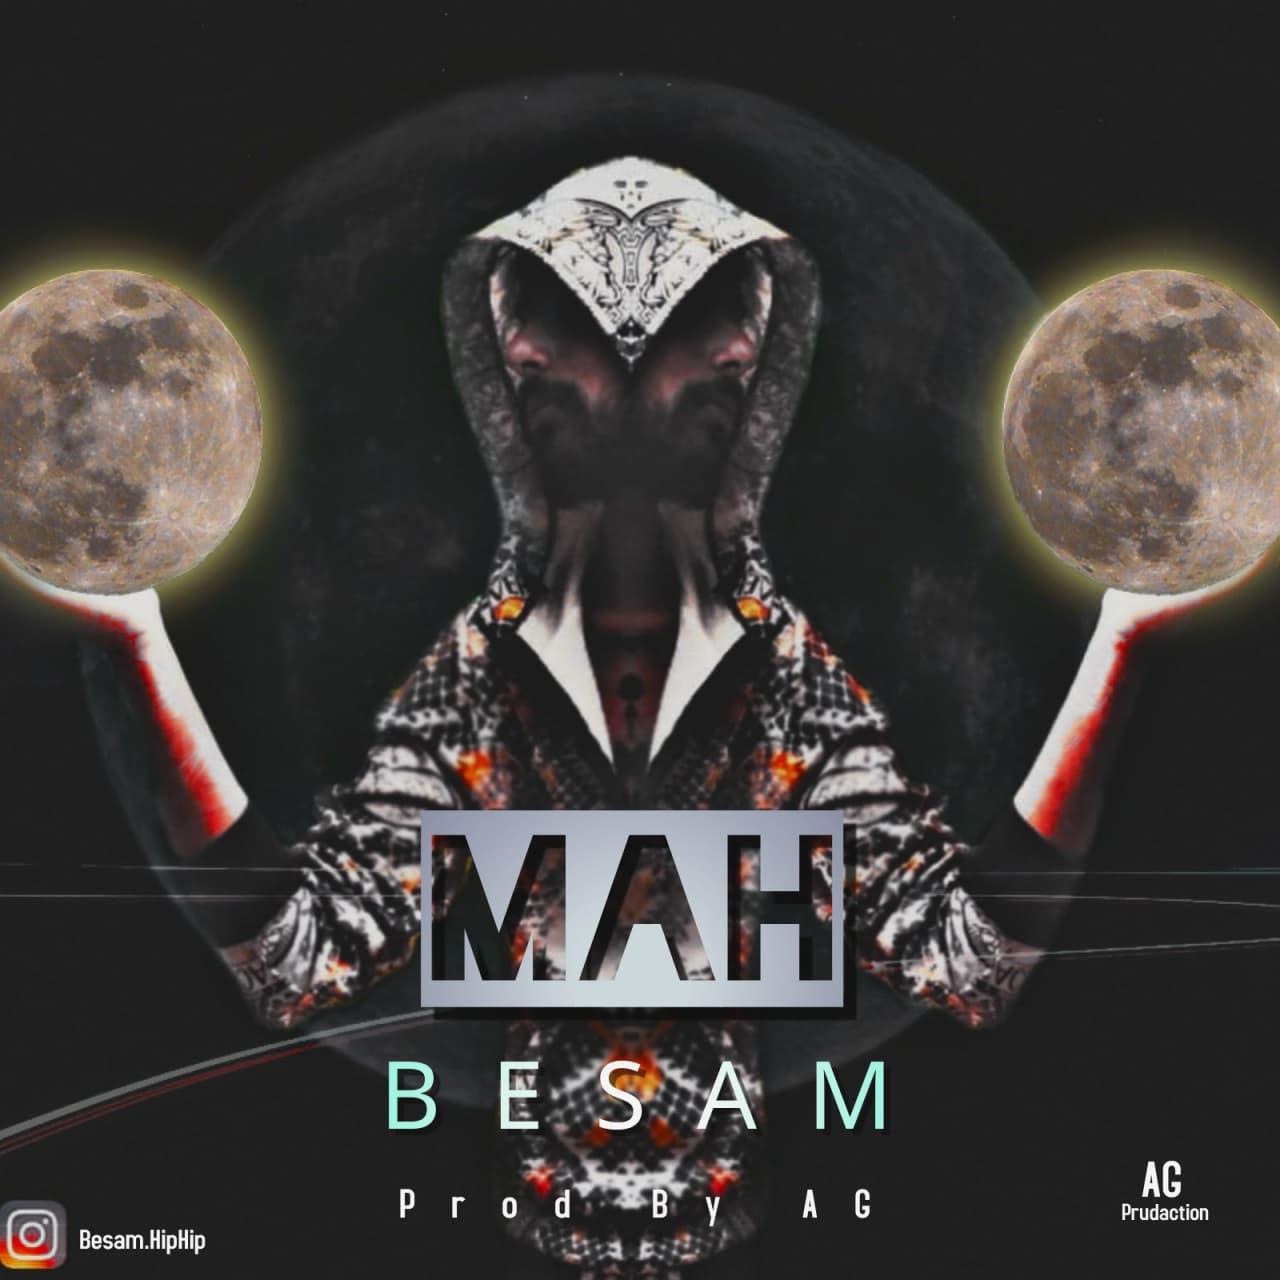 Besam - Mah